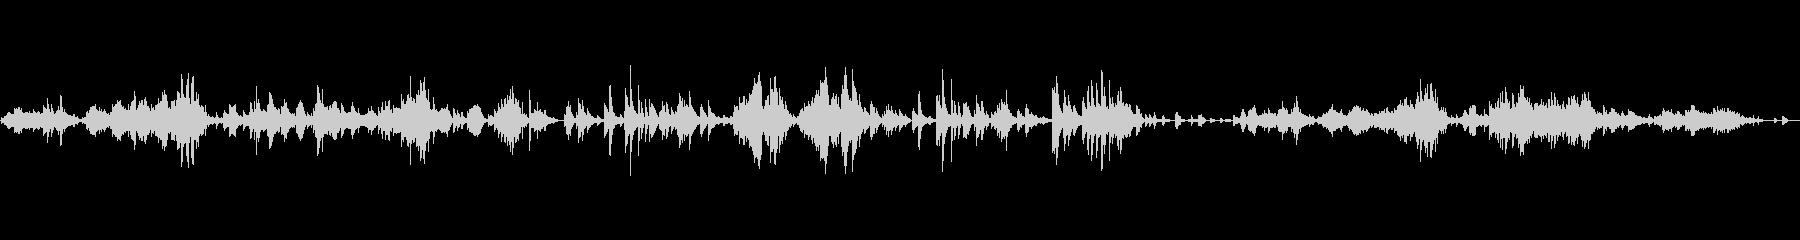 クロード・ドビュッシー。印象派の音...の未再生の波形